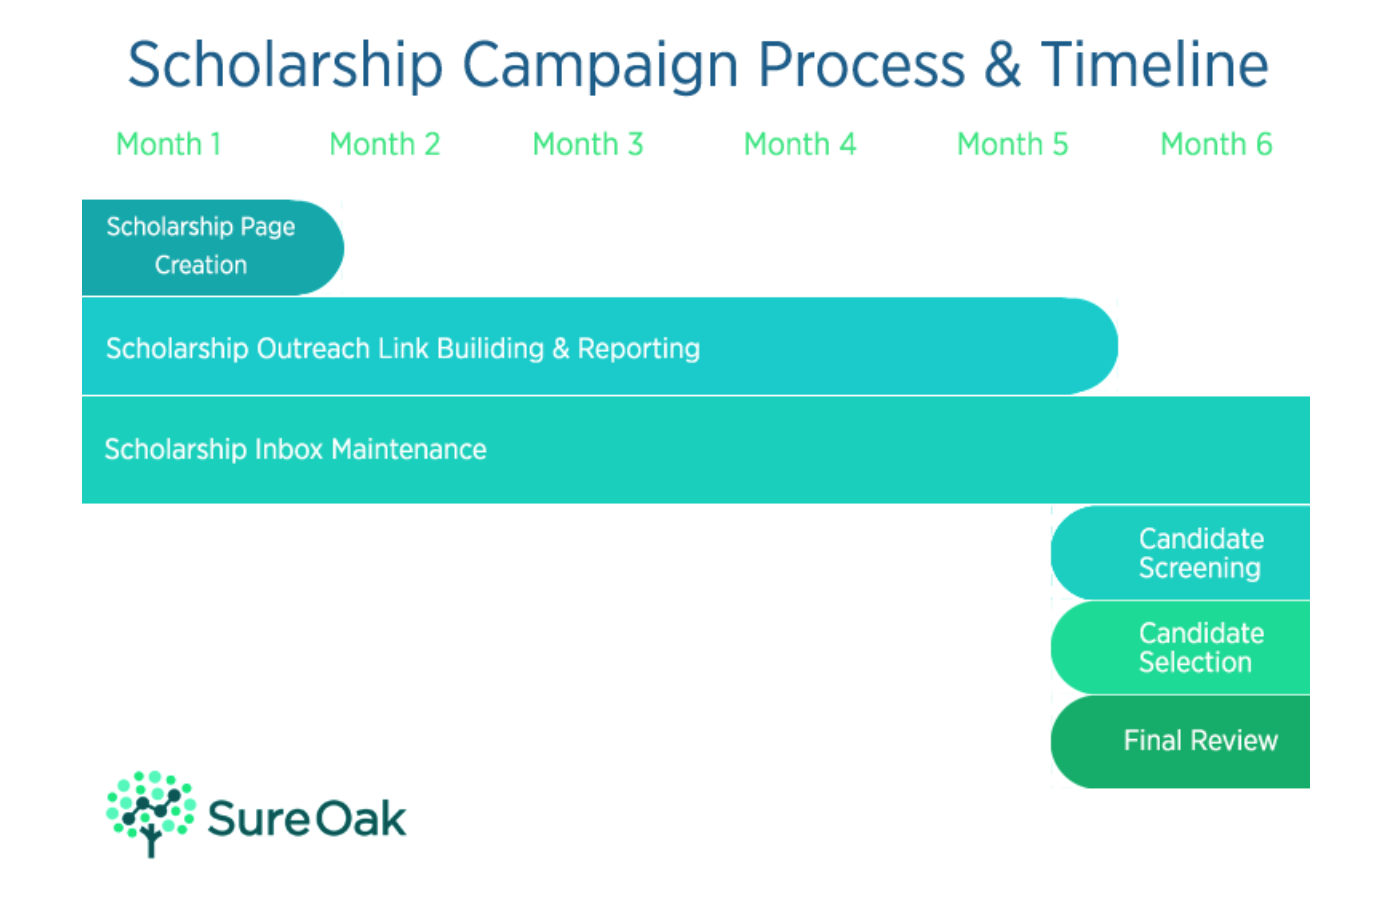 Sure Oak link building process